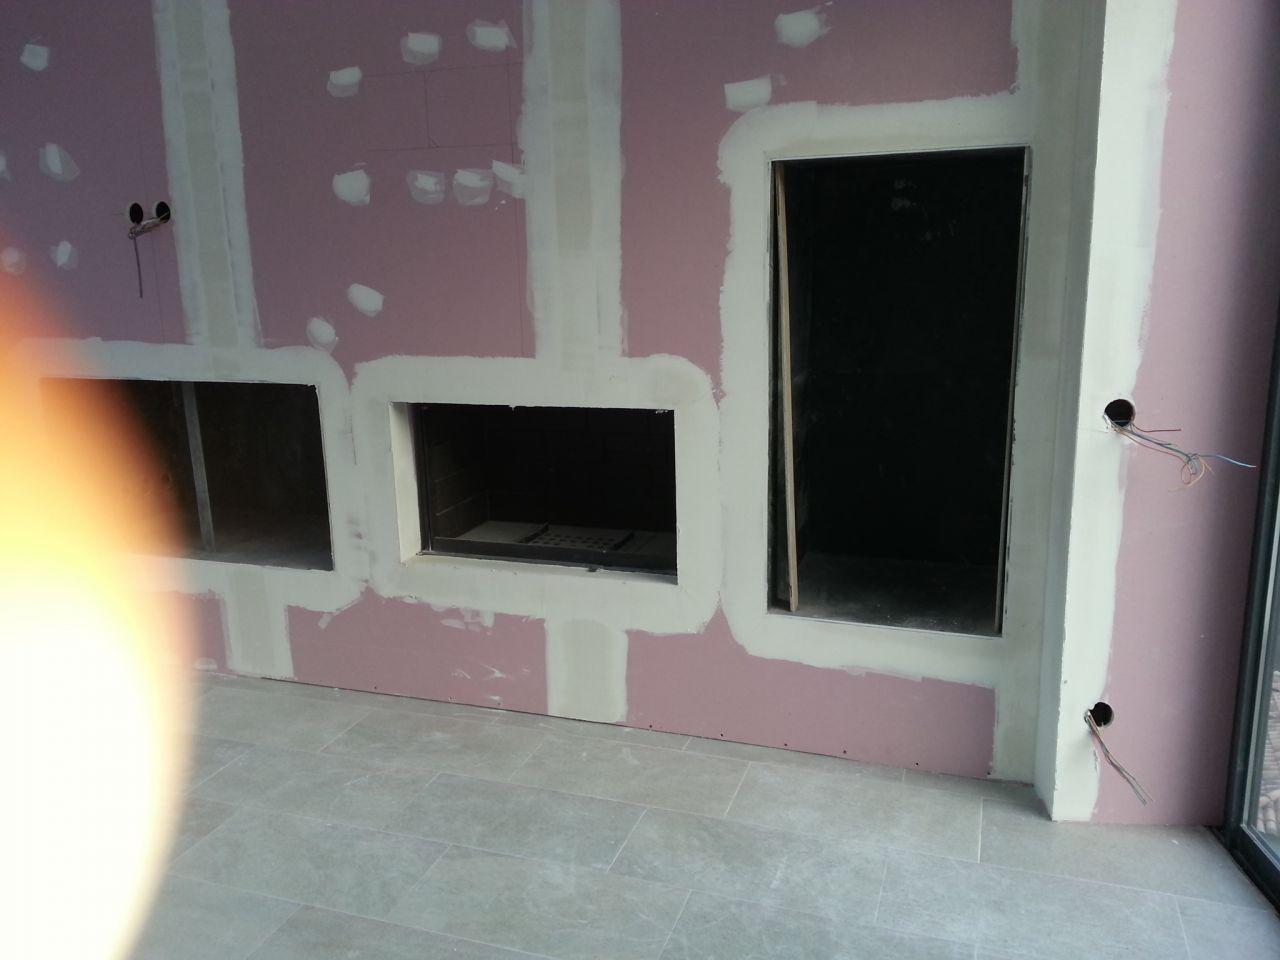 Habillage cheminee interieur accueil design et mobilier for Habillage interieur